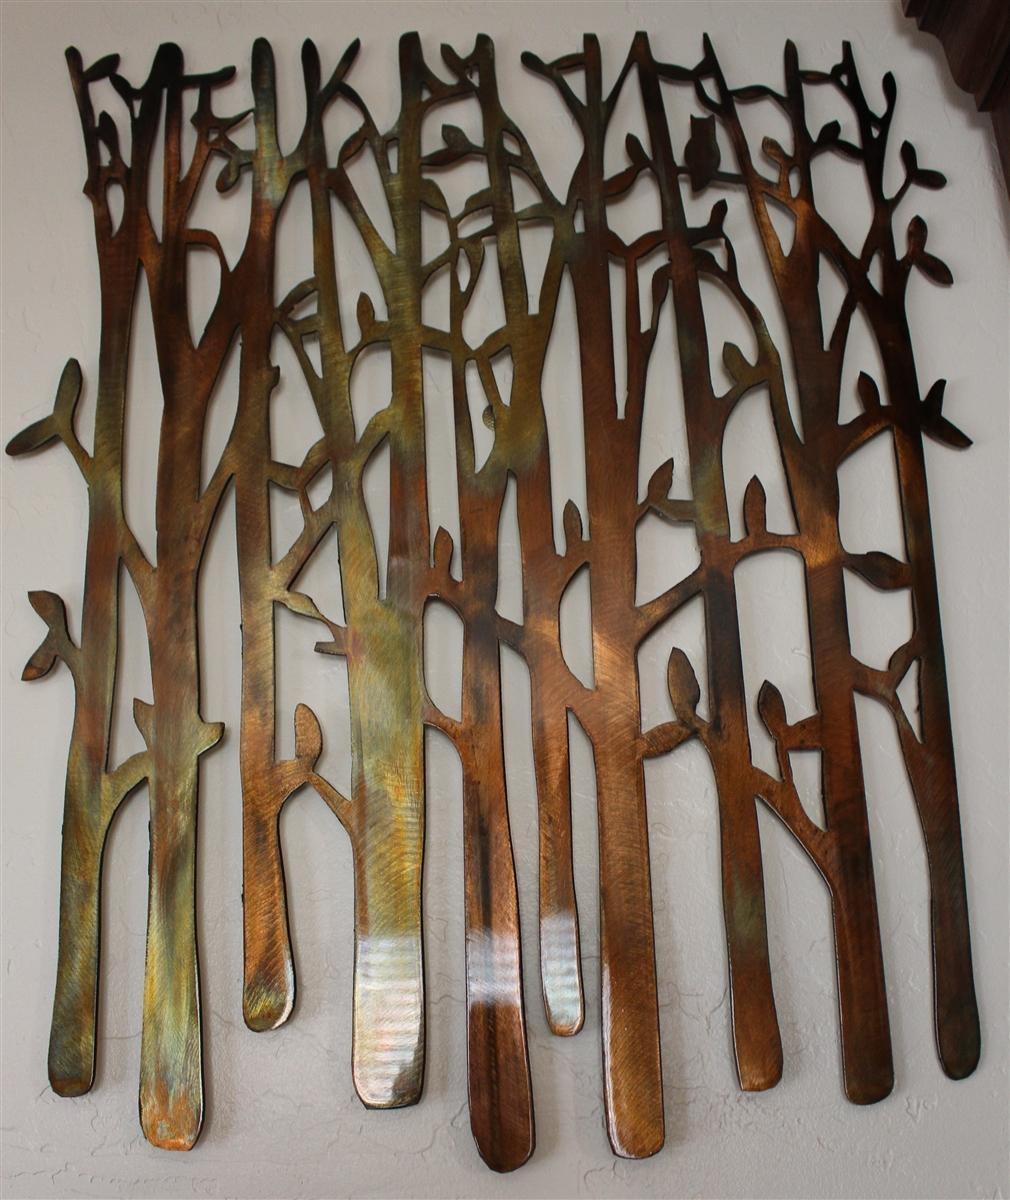 Birch Tree, Birch Tree Metal Art, Bamboo, Bird In The Trees, Bird With Regard To Metallic Wall Art (Image 3 of 20)